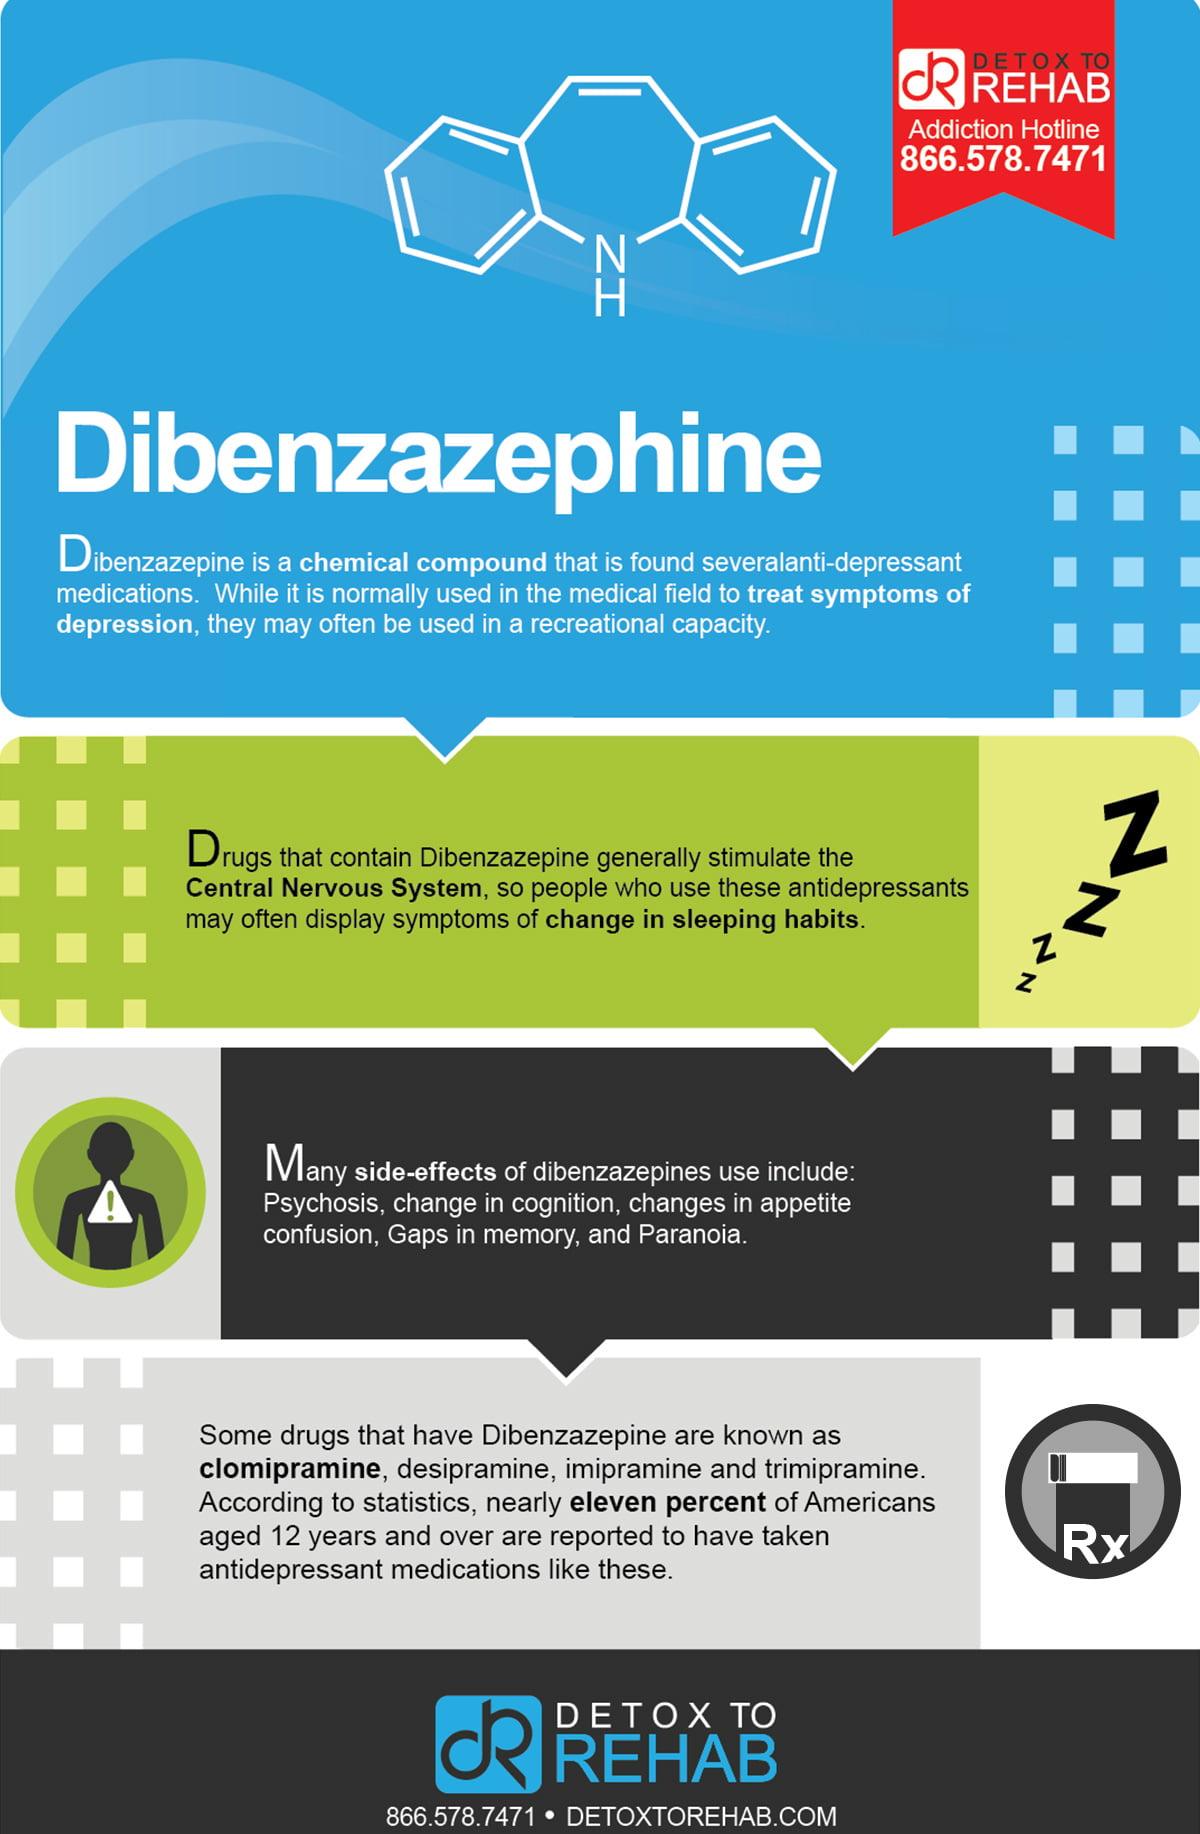 dibenzazephine infograph